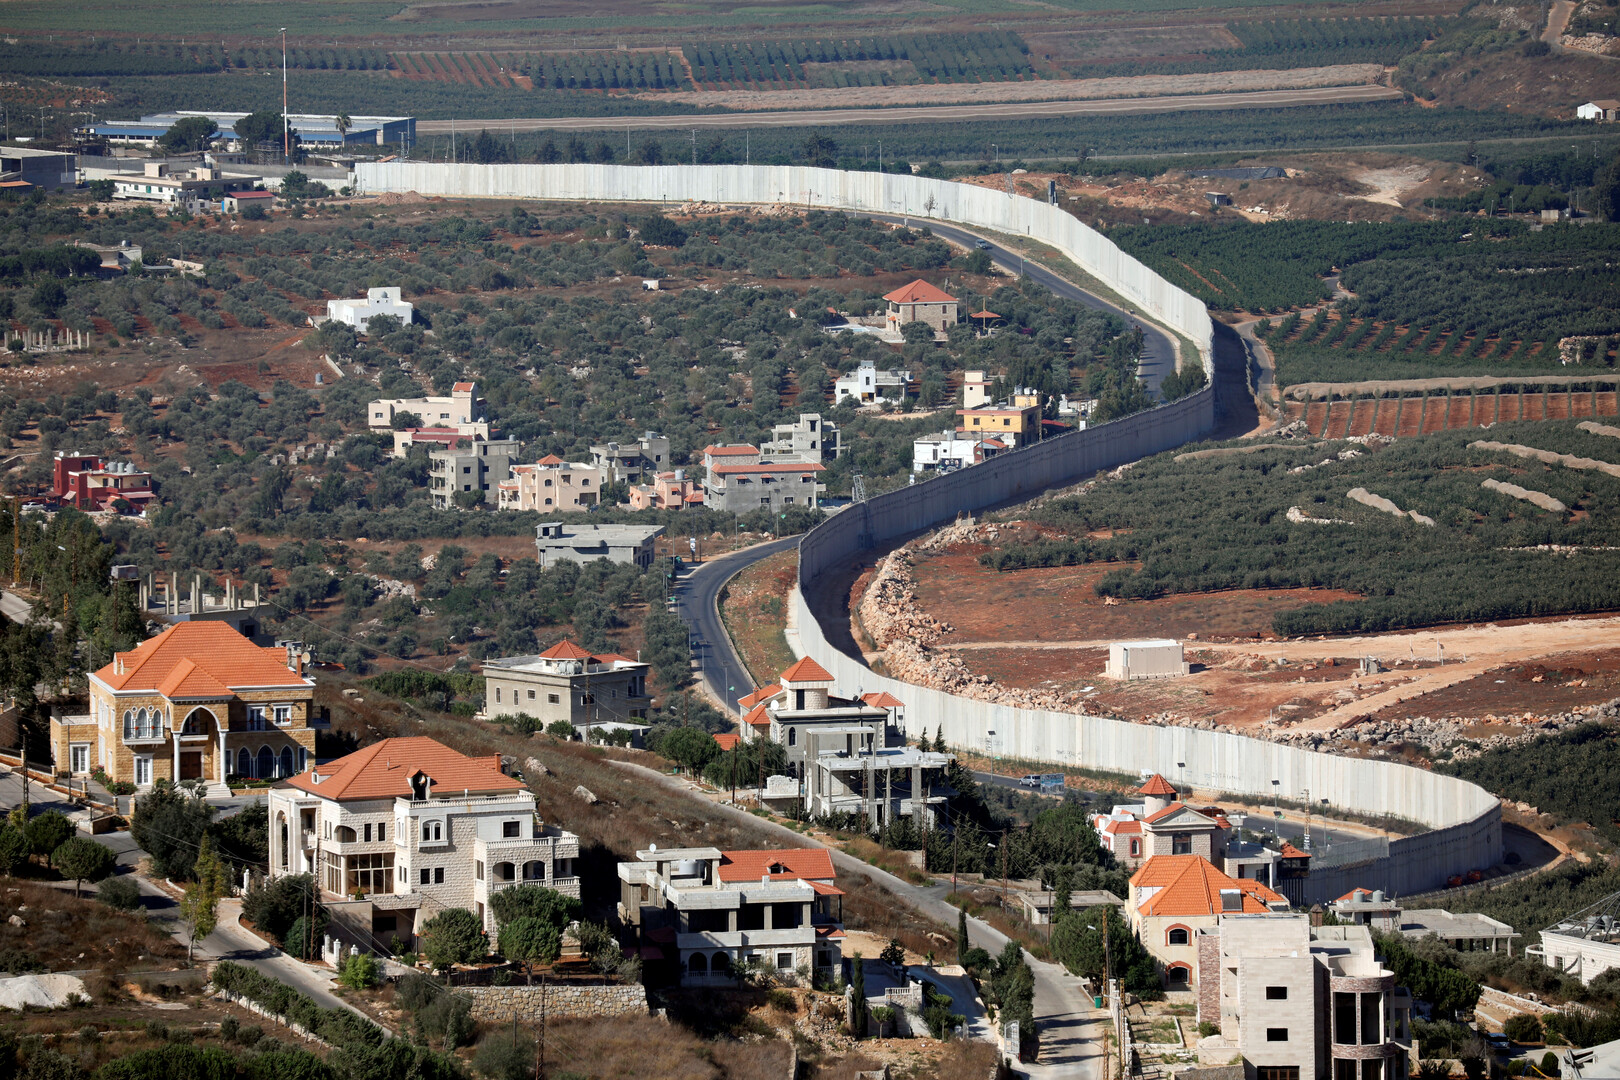 الجيش الإسرائيلي يبقي وحداته في حالة تأهب على الحدود اللبنانية